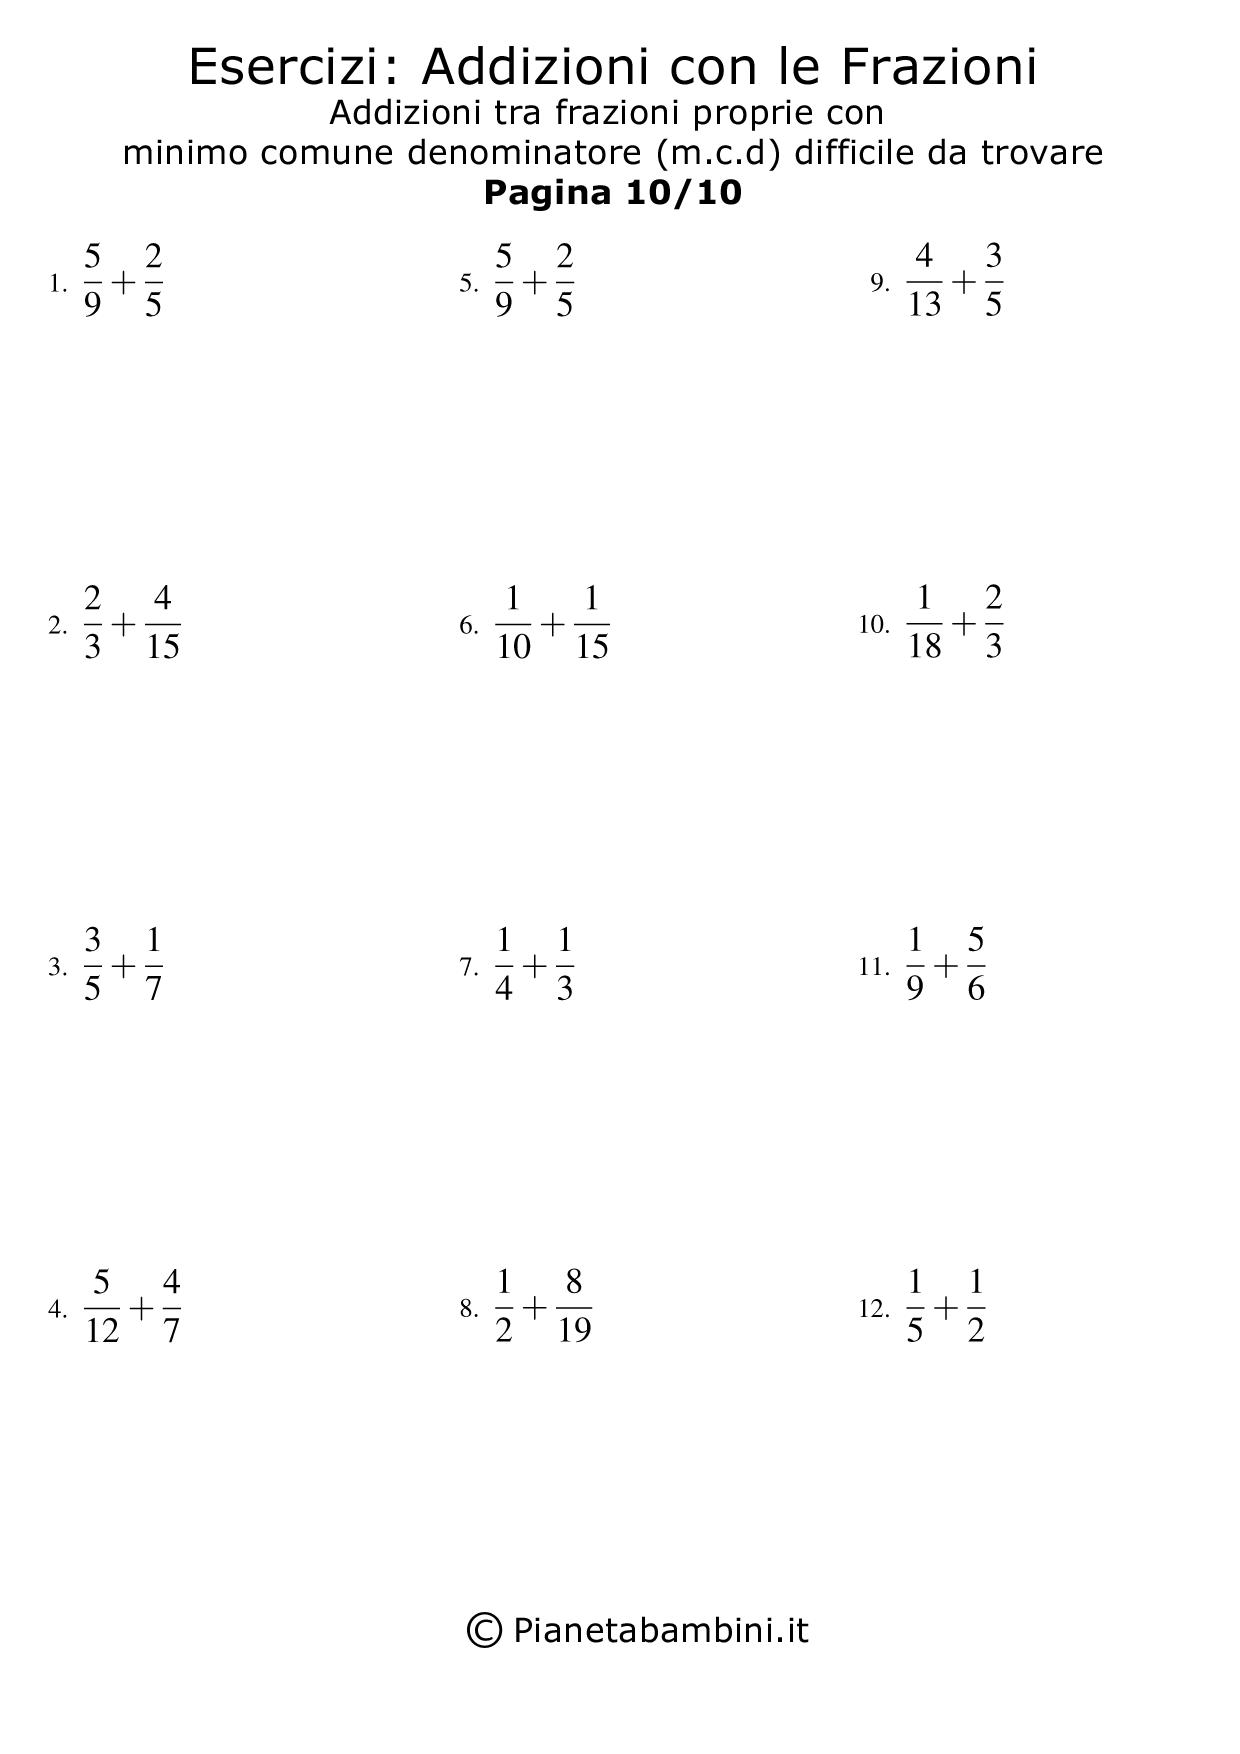 Frazioni-Facili-m.c.d-difficile_10